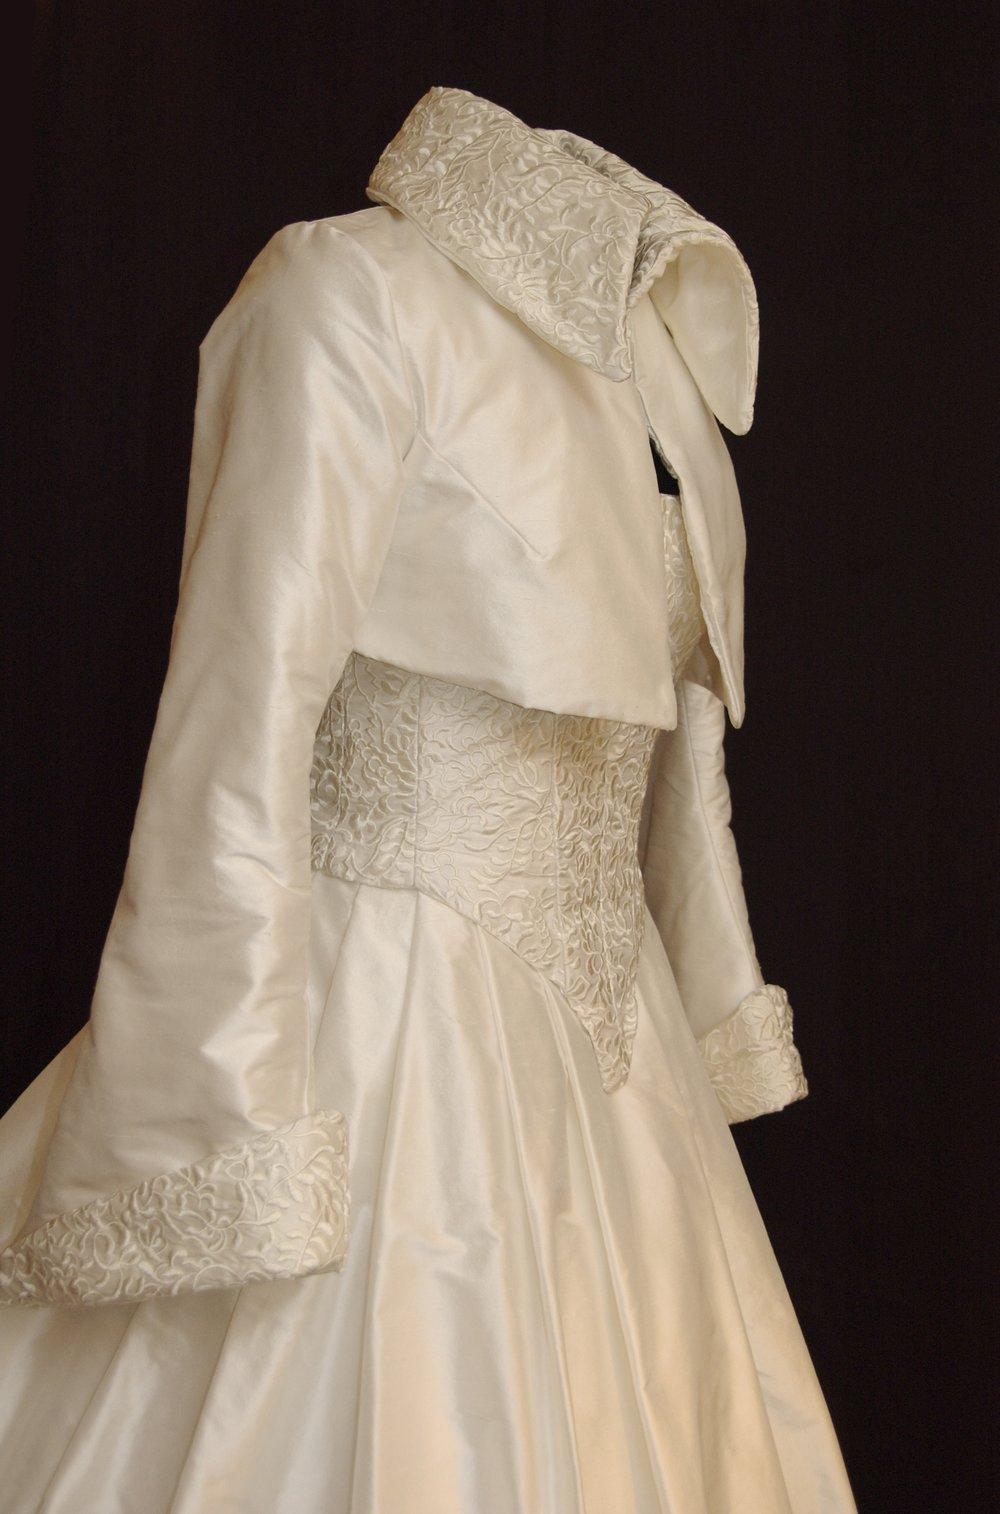 Robe de mariée boléro soie laine polaire Agnes Szabelewski.jpg